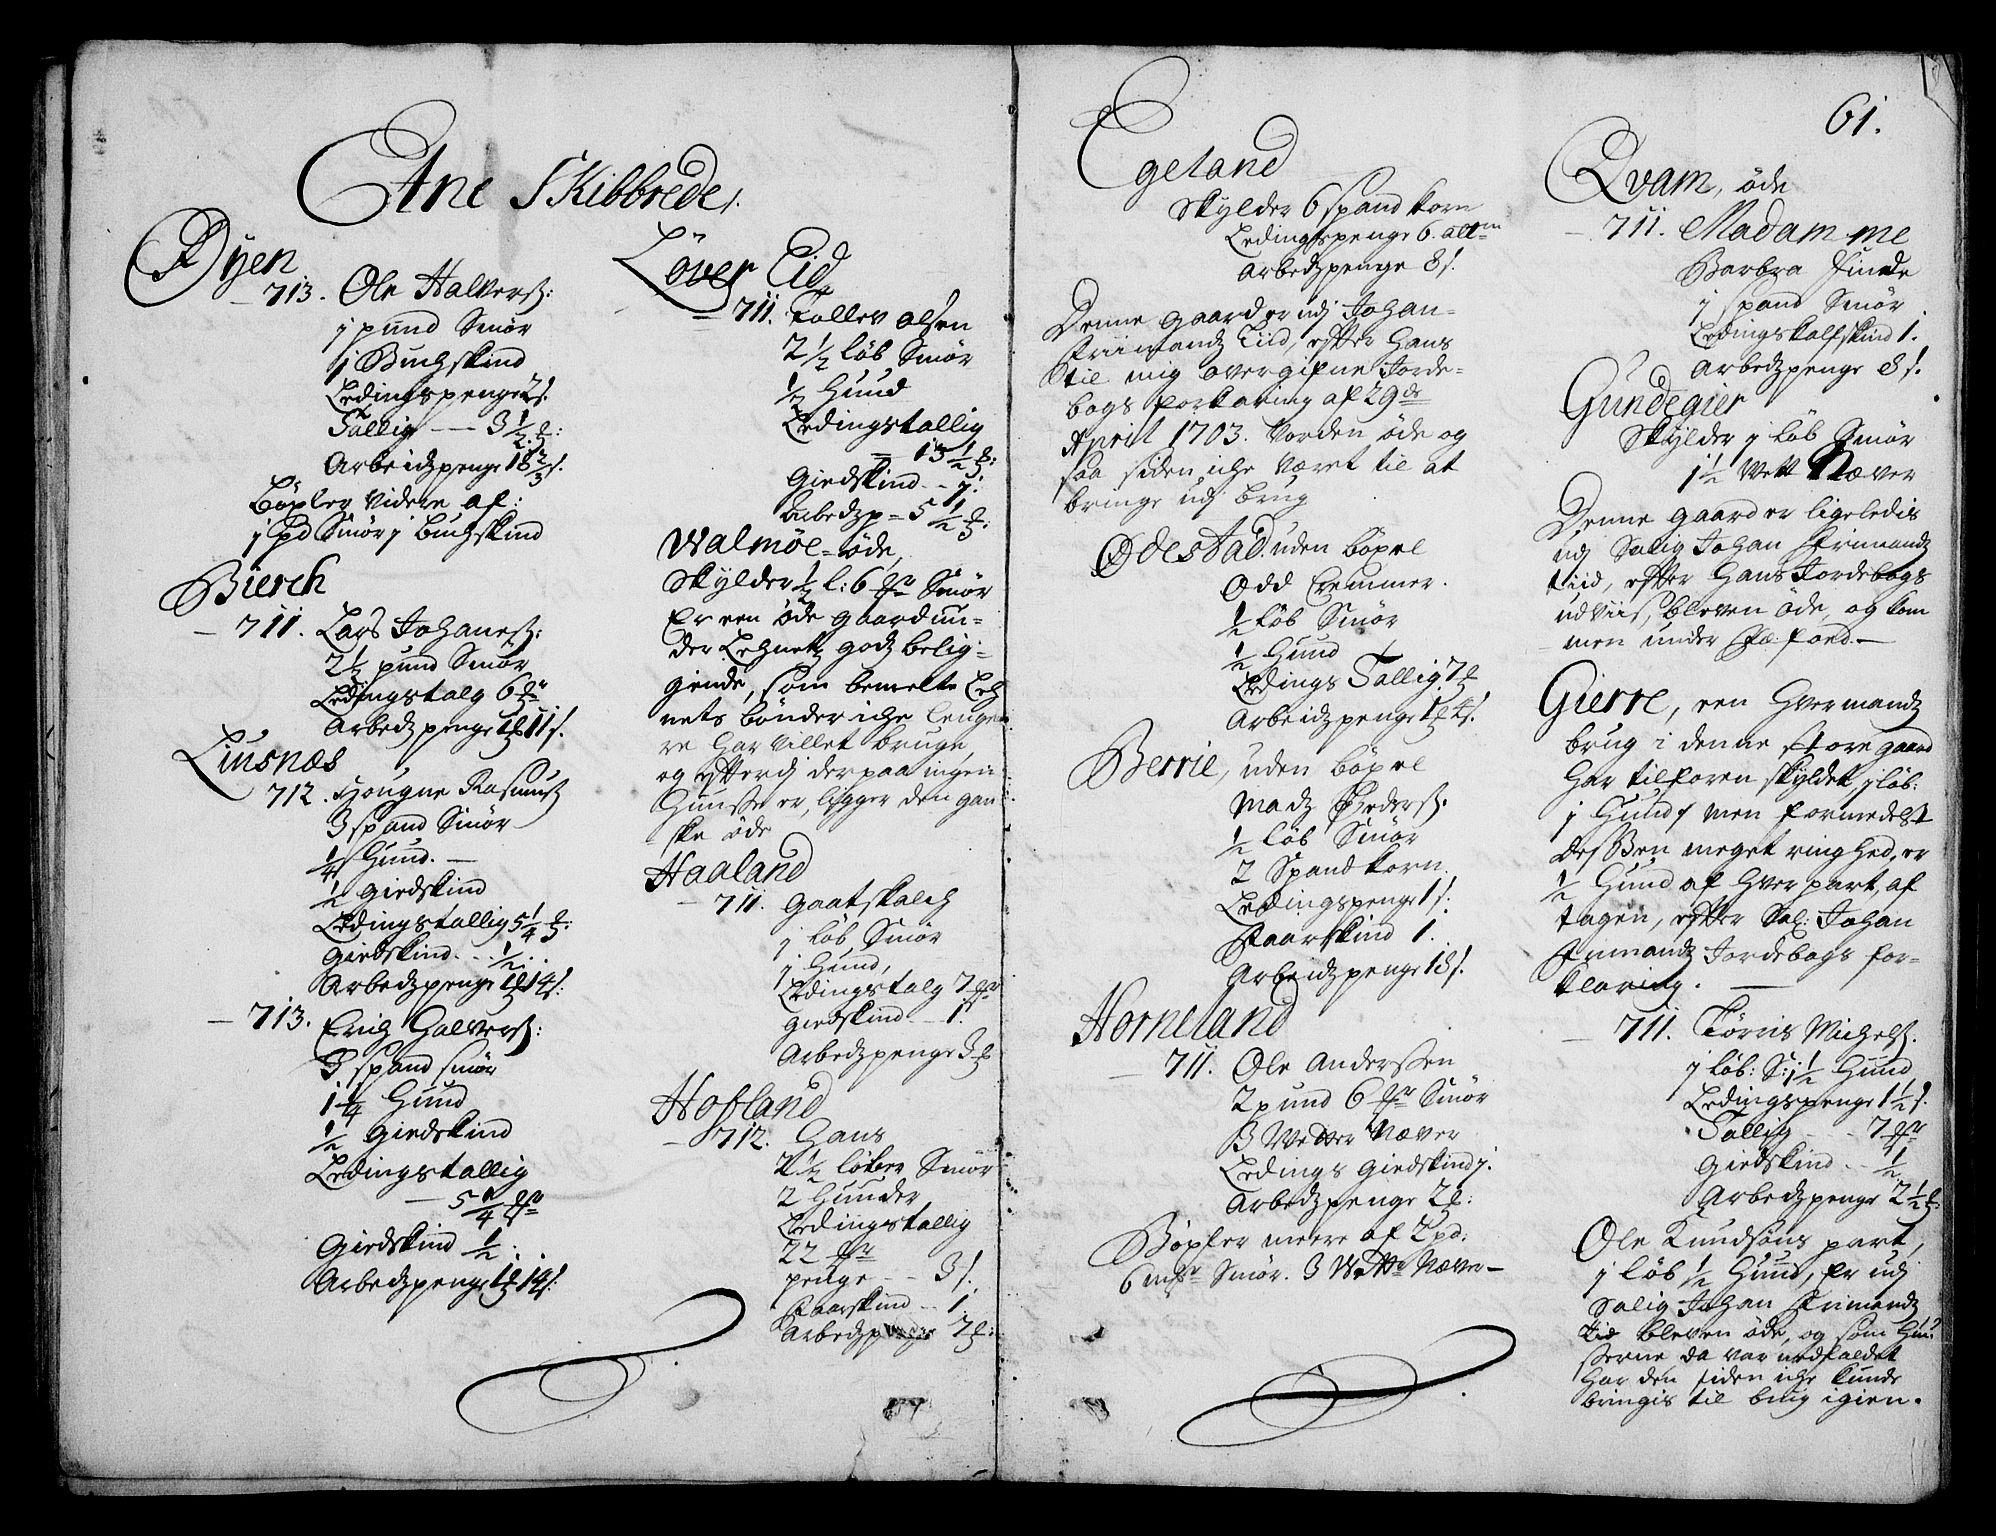 RA, Rentekammeret inntil 1814, Realistisk ordnet avdeling, On/L0003: [Jj 4]: Kommisjonsforretning over Vilhelm Hanssøns forpaktning av Halsnøy klosters gods, 1712-1722, s. 60b-61a